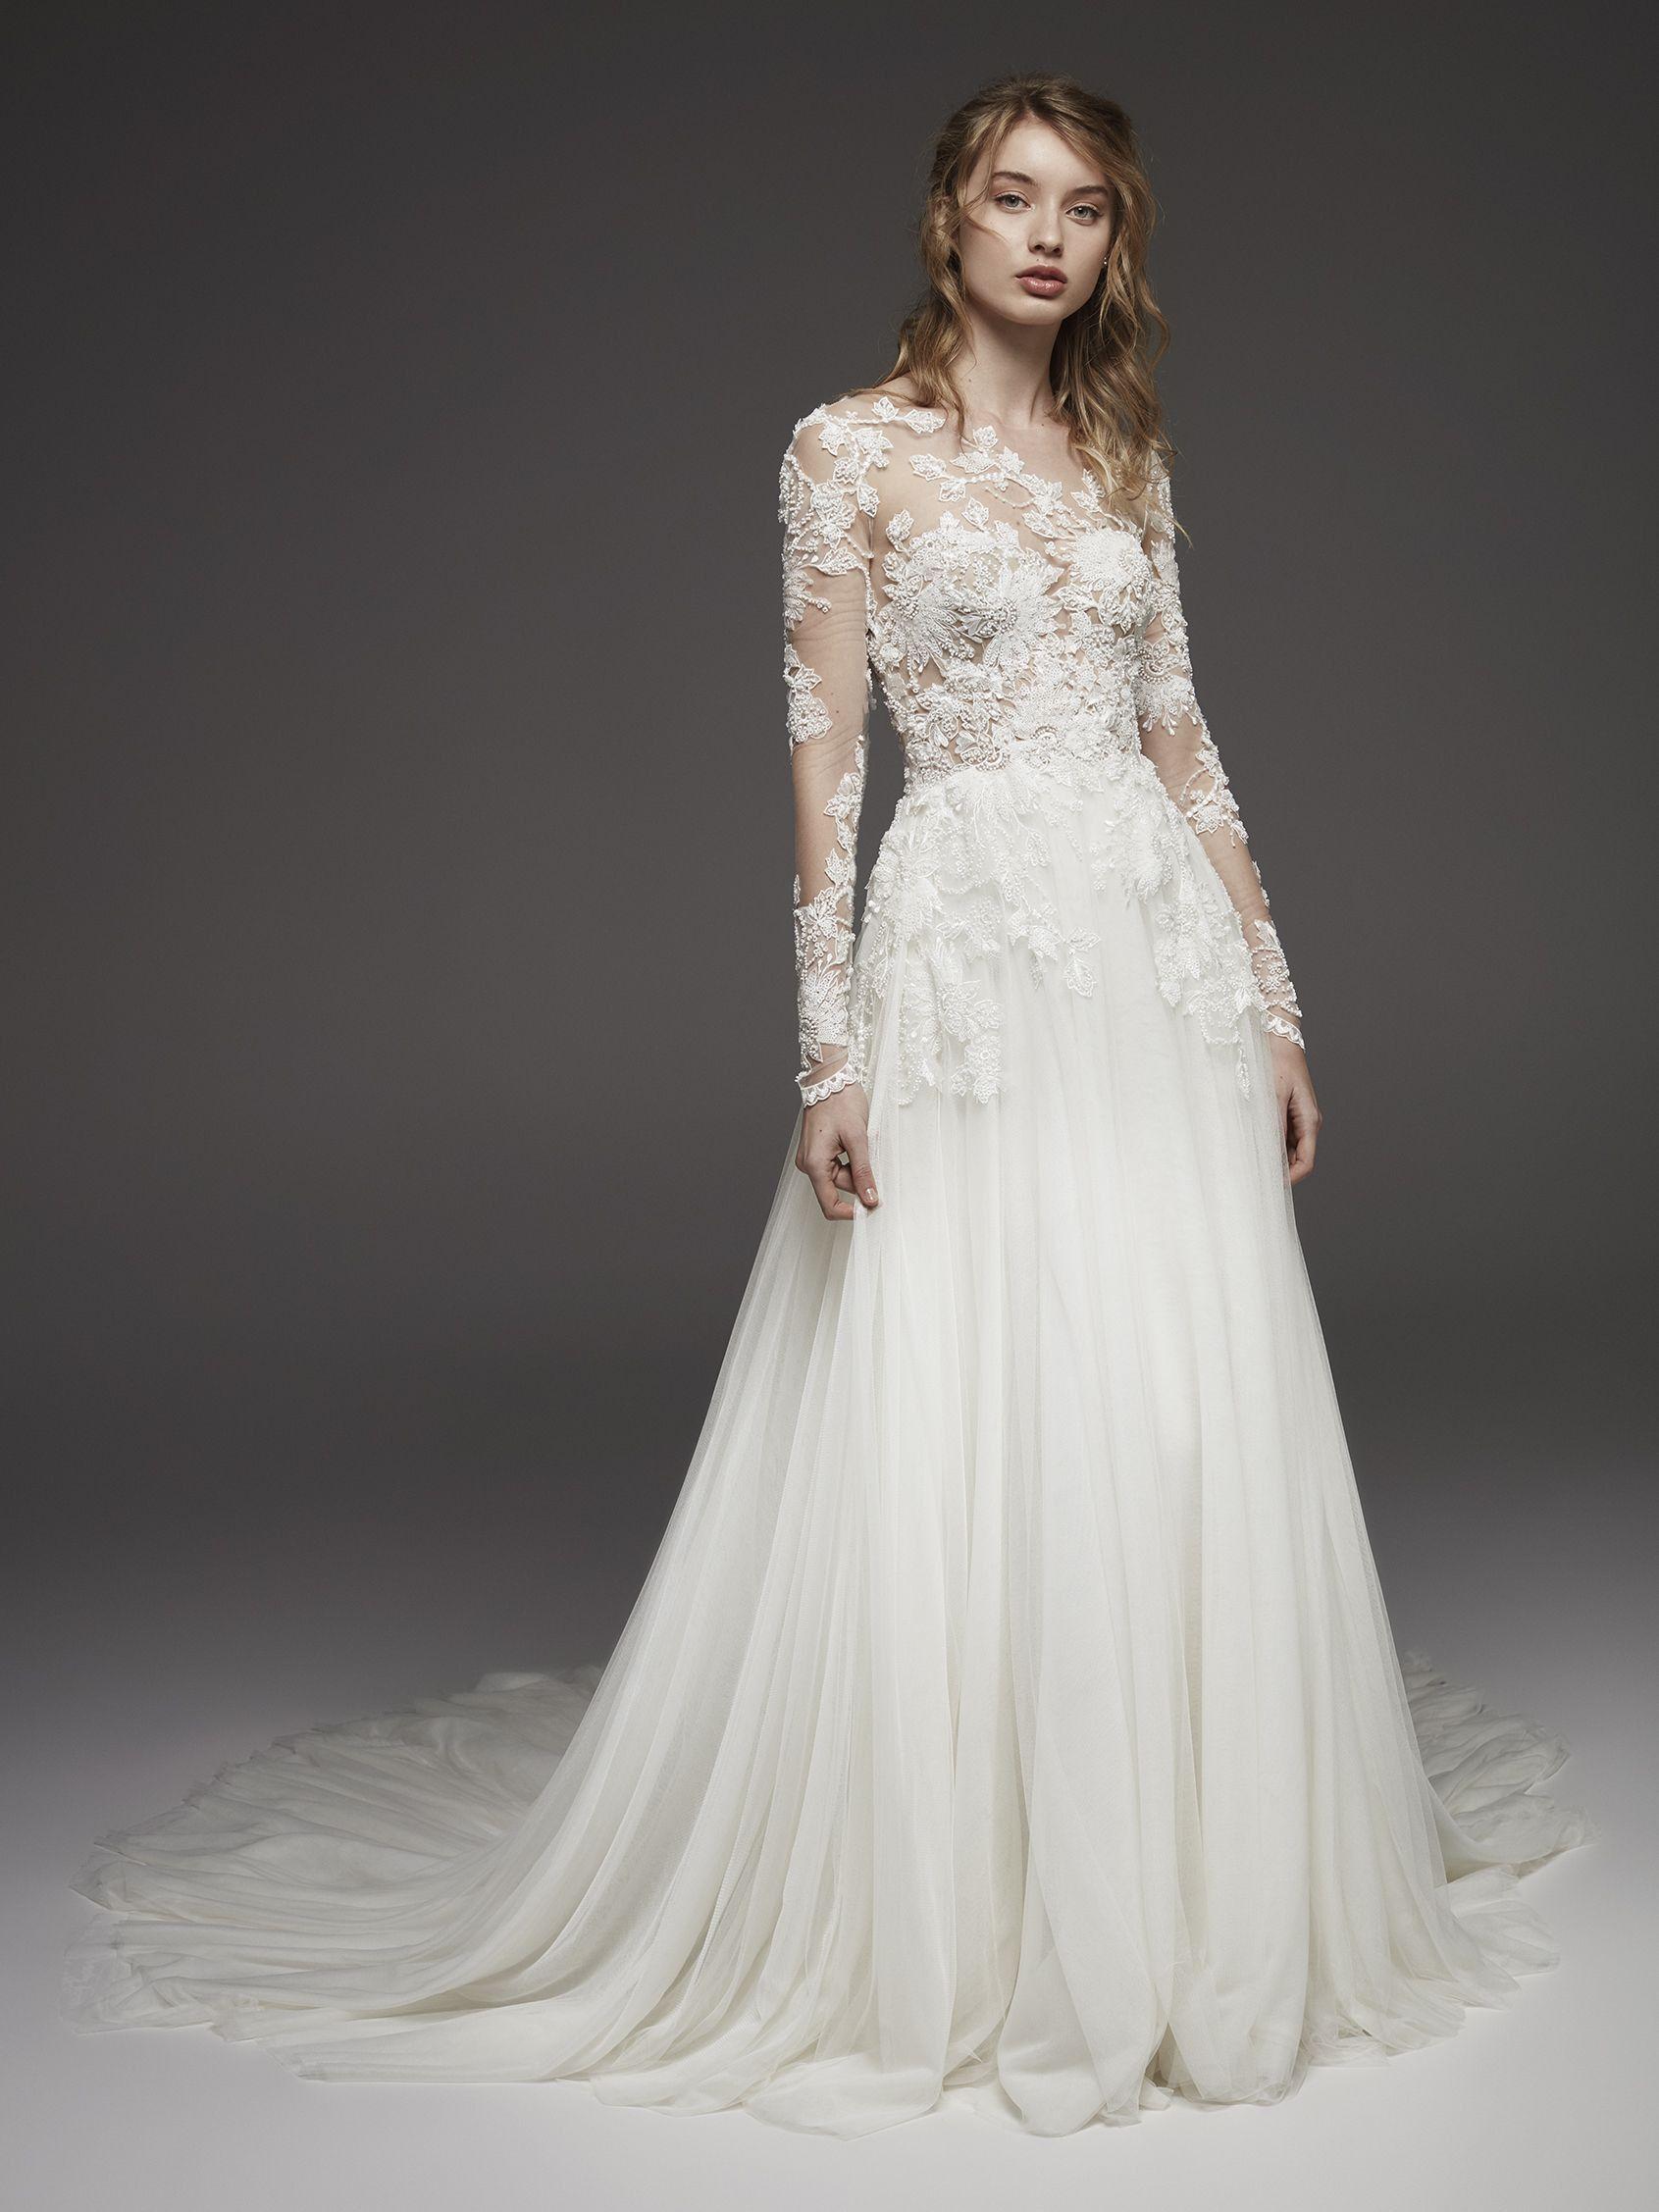 Vestidos de novia romanticos pronovias